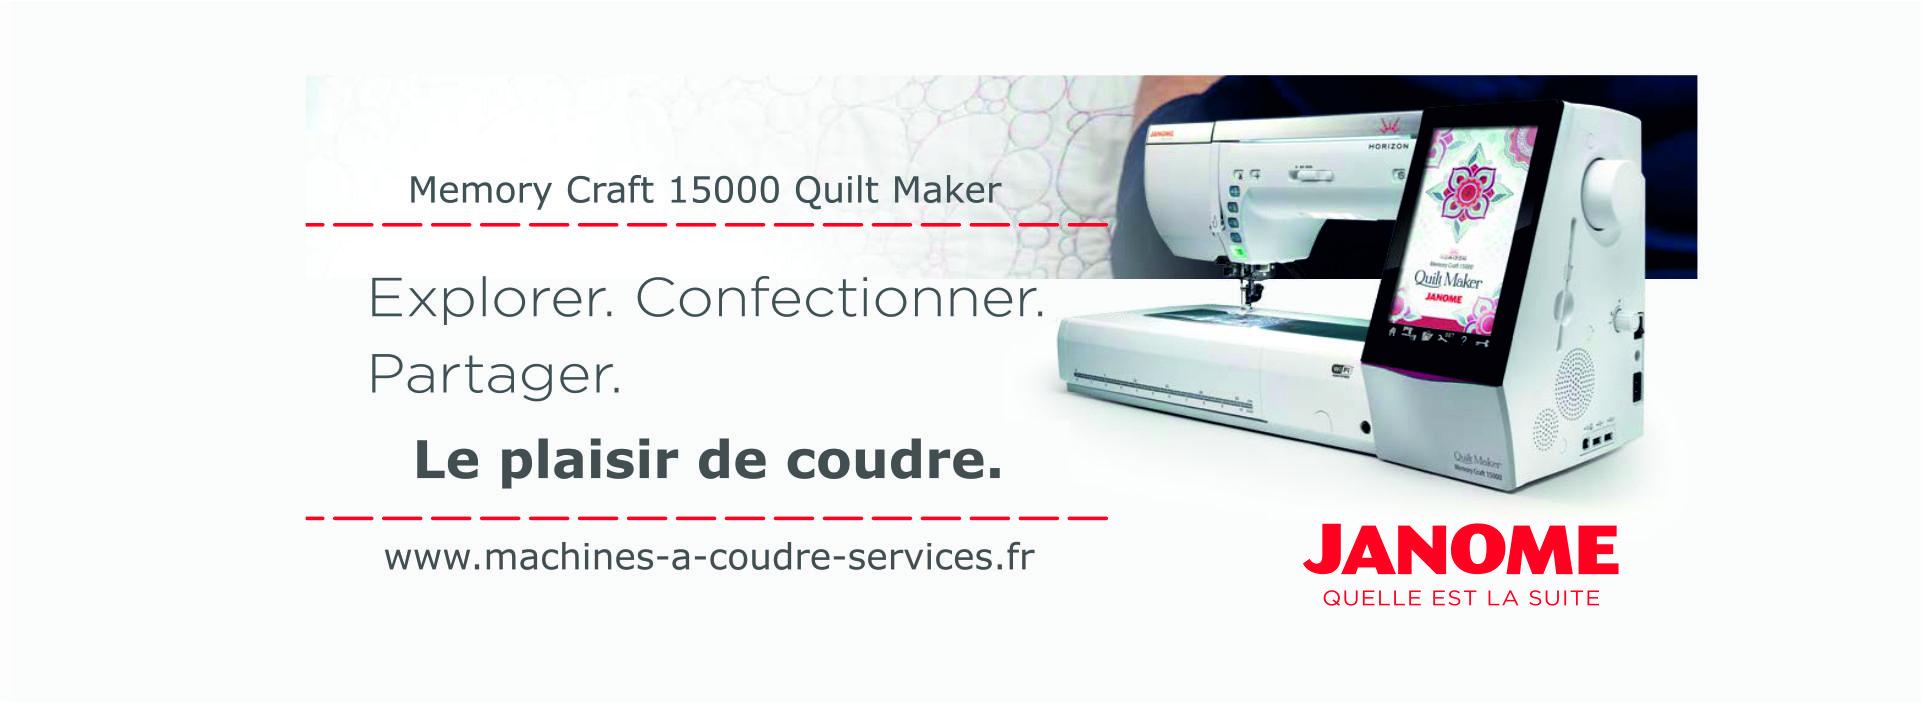 slider janome 1500 quilt maker v3